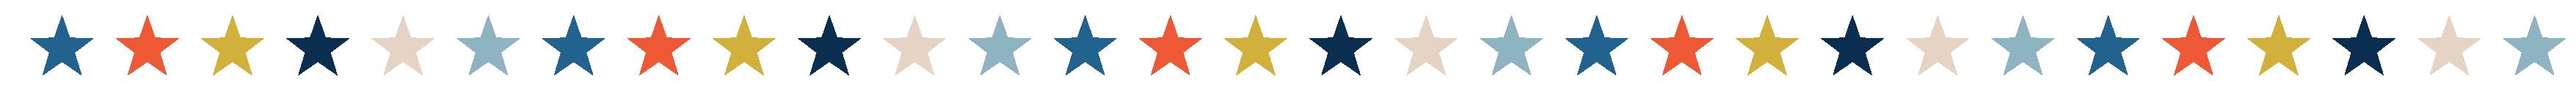 estrellas-01